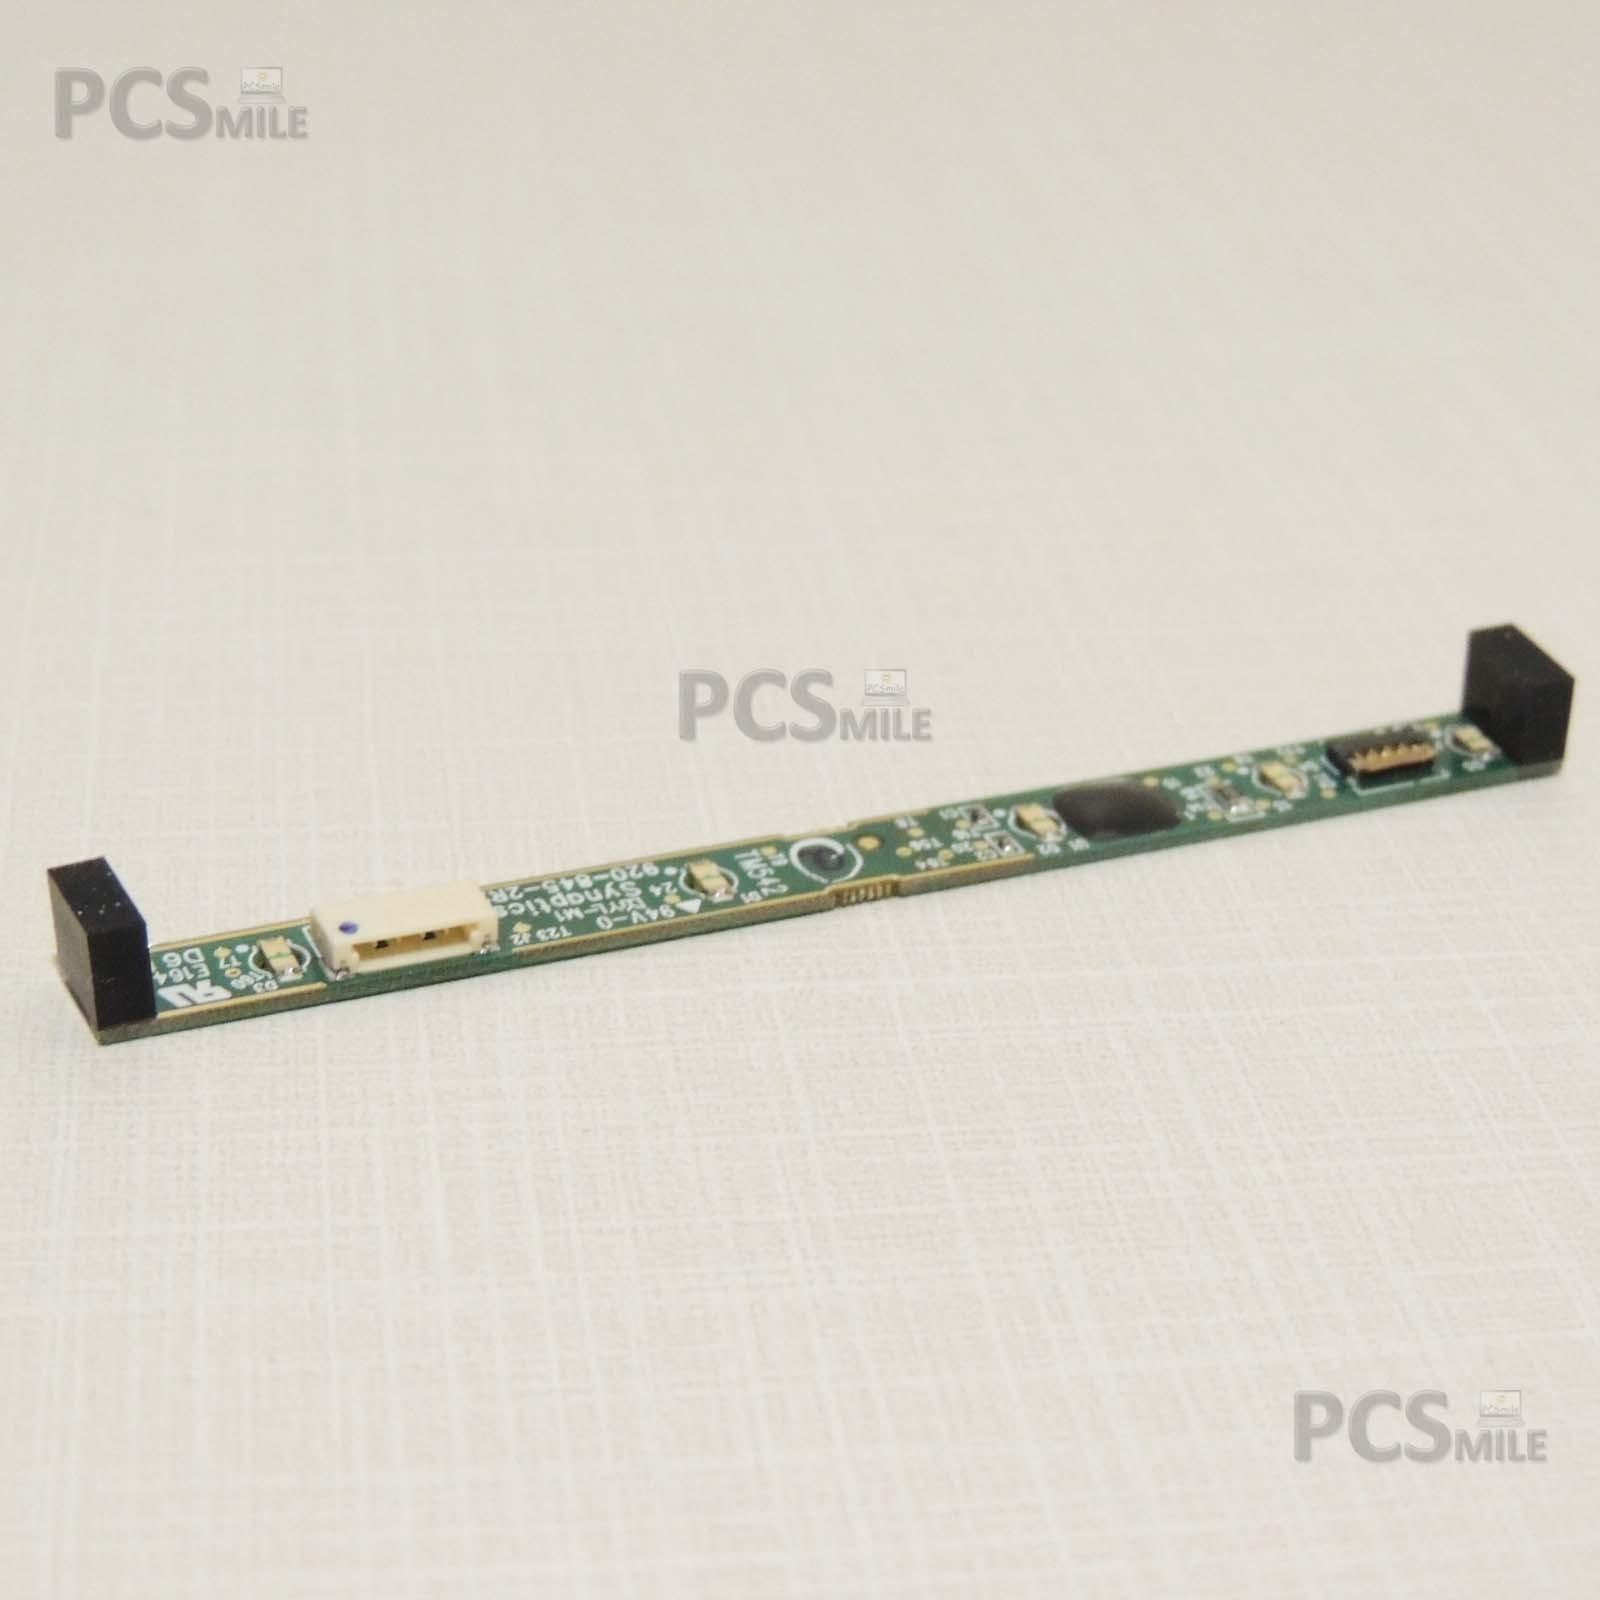 Acer Aspire 5920g zd1 LED Laterali indicatori Synaptics 920-845-2R2